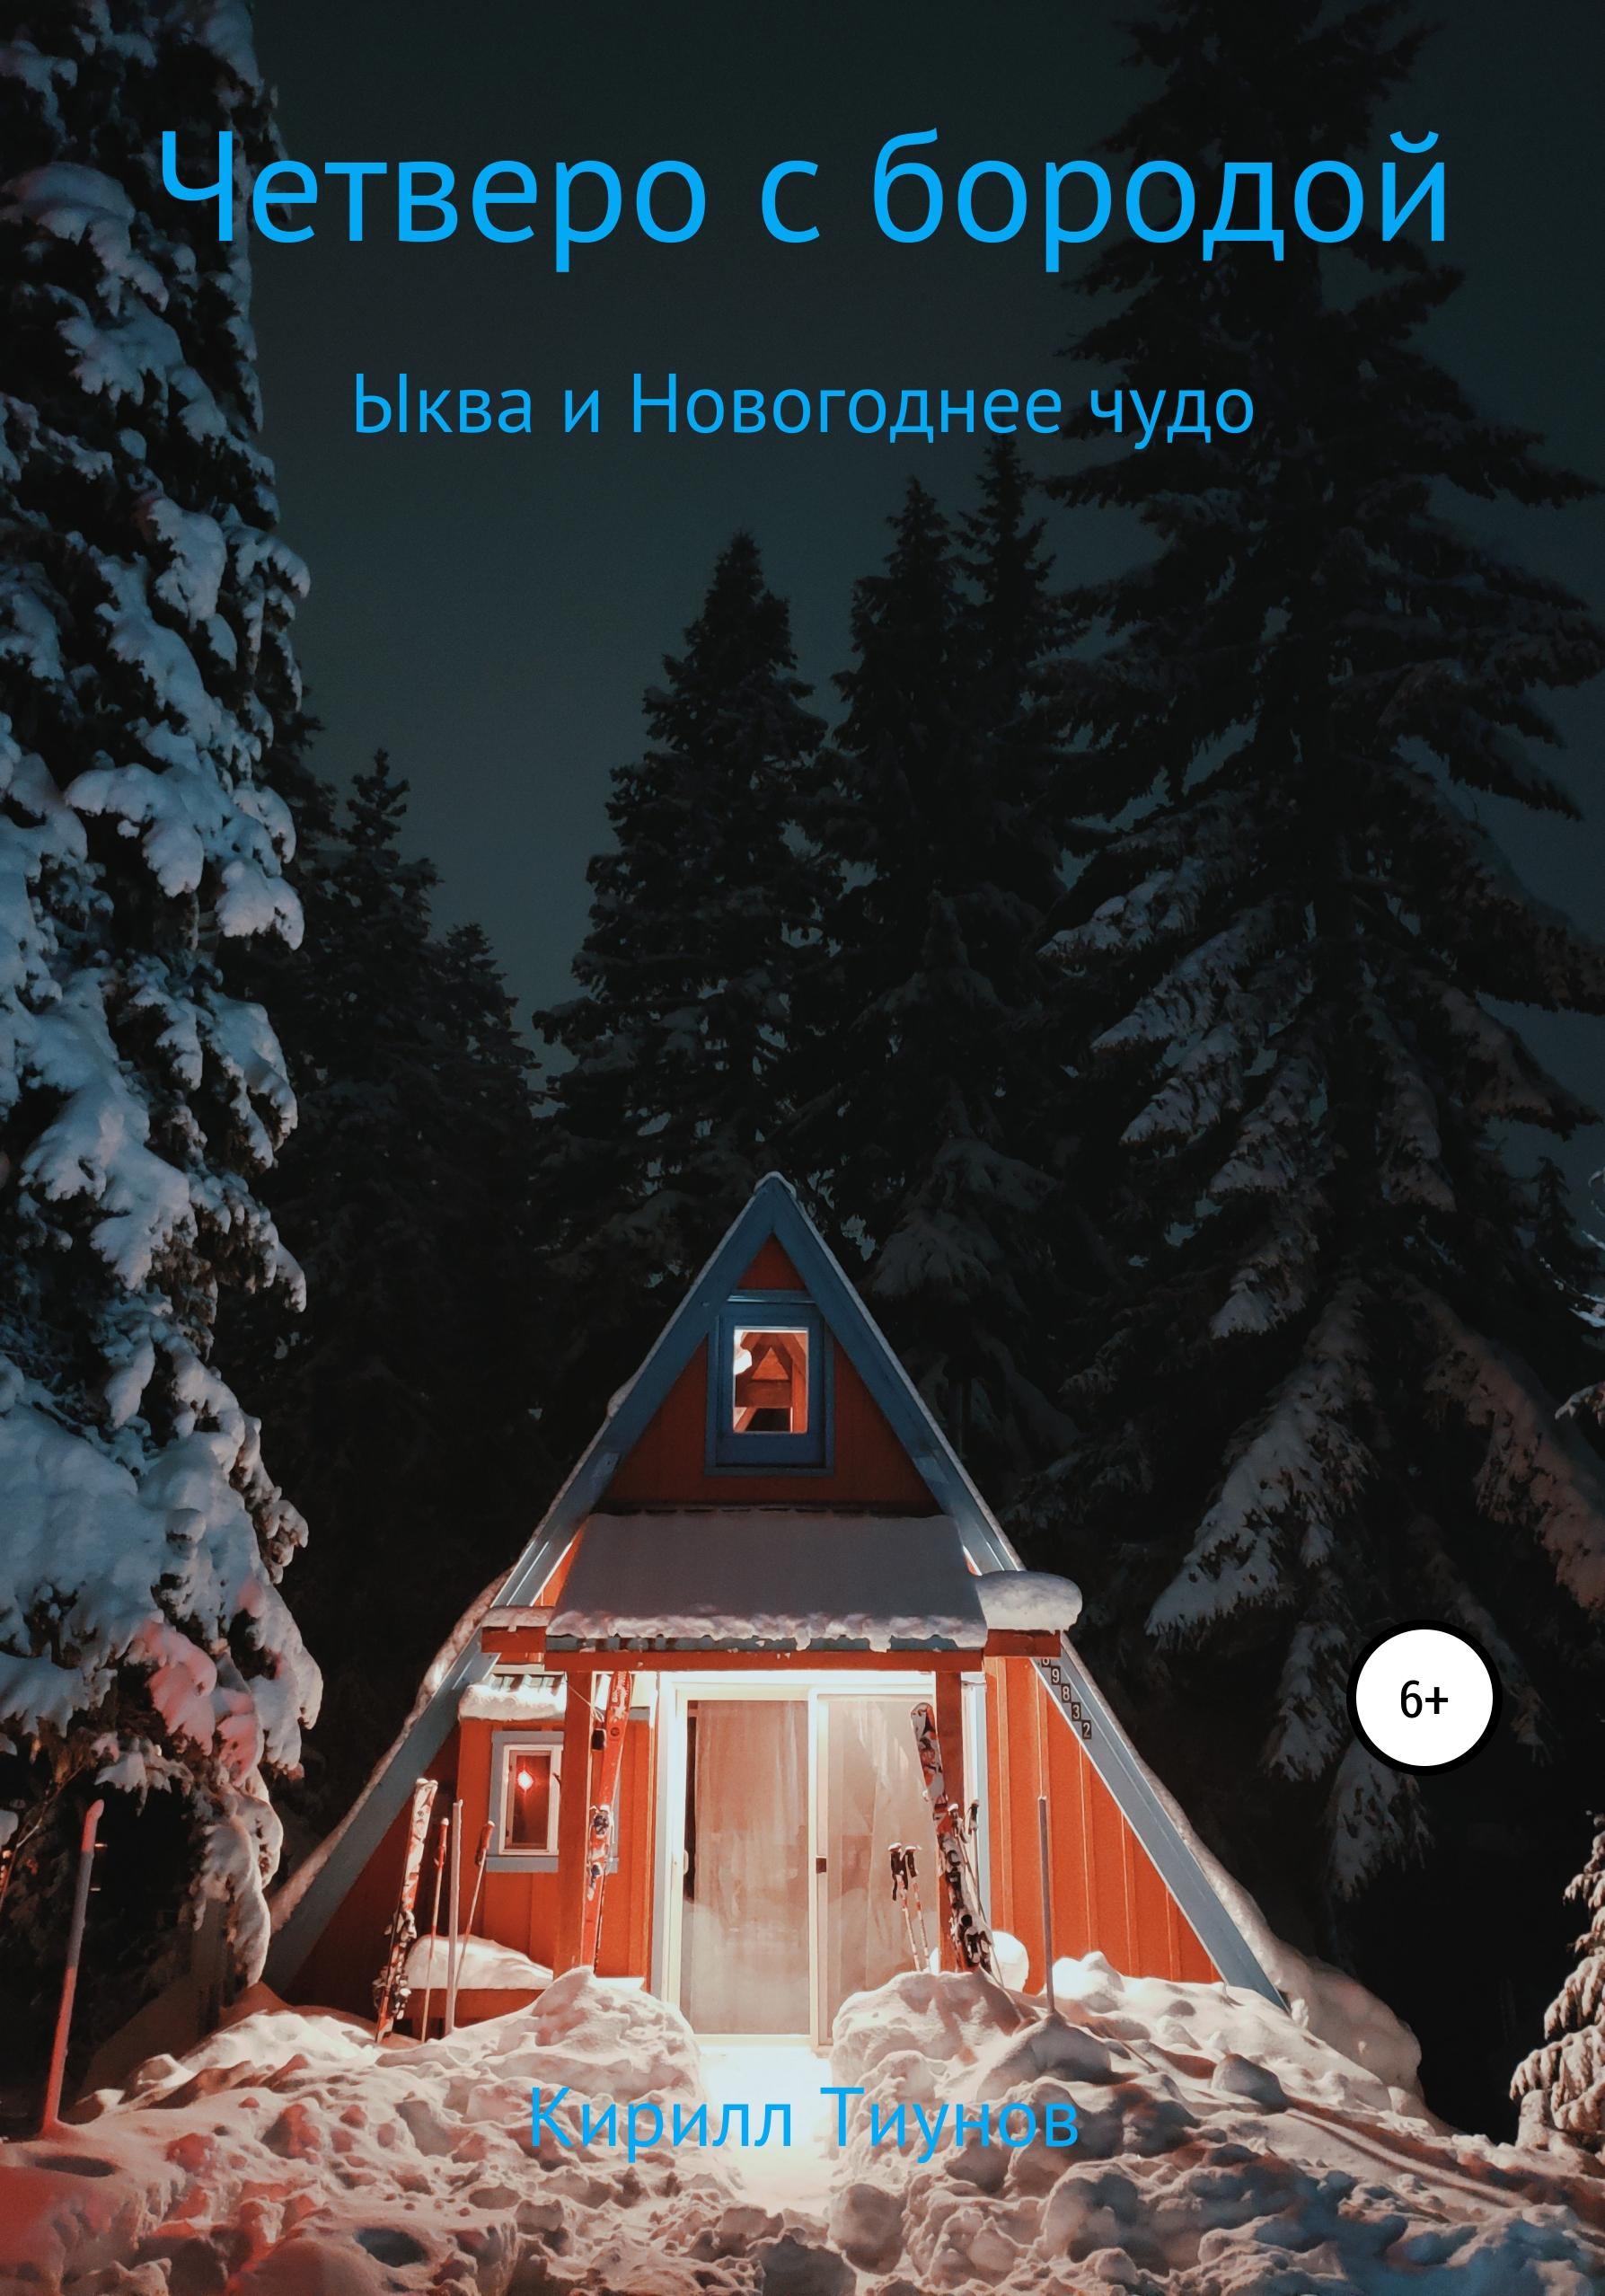 Купить книгу Четверо с бородой. Ыква и Новогоднее чудо, автора Кирилла Тиунова